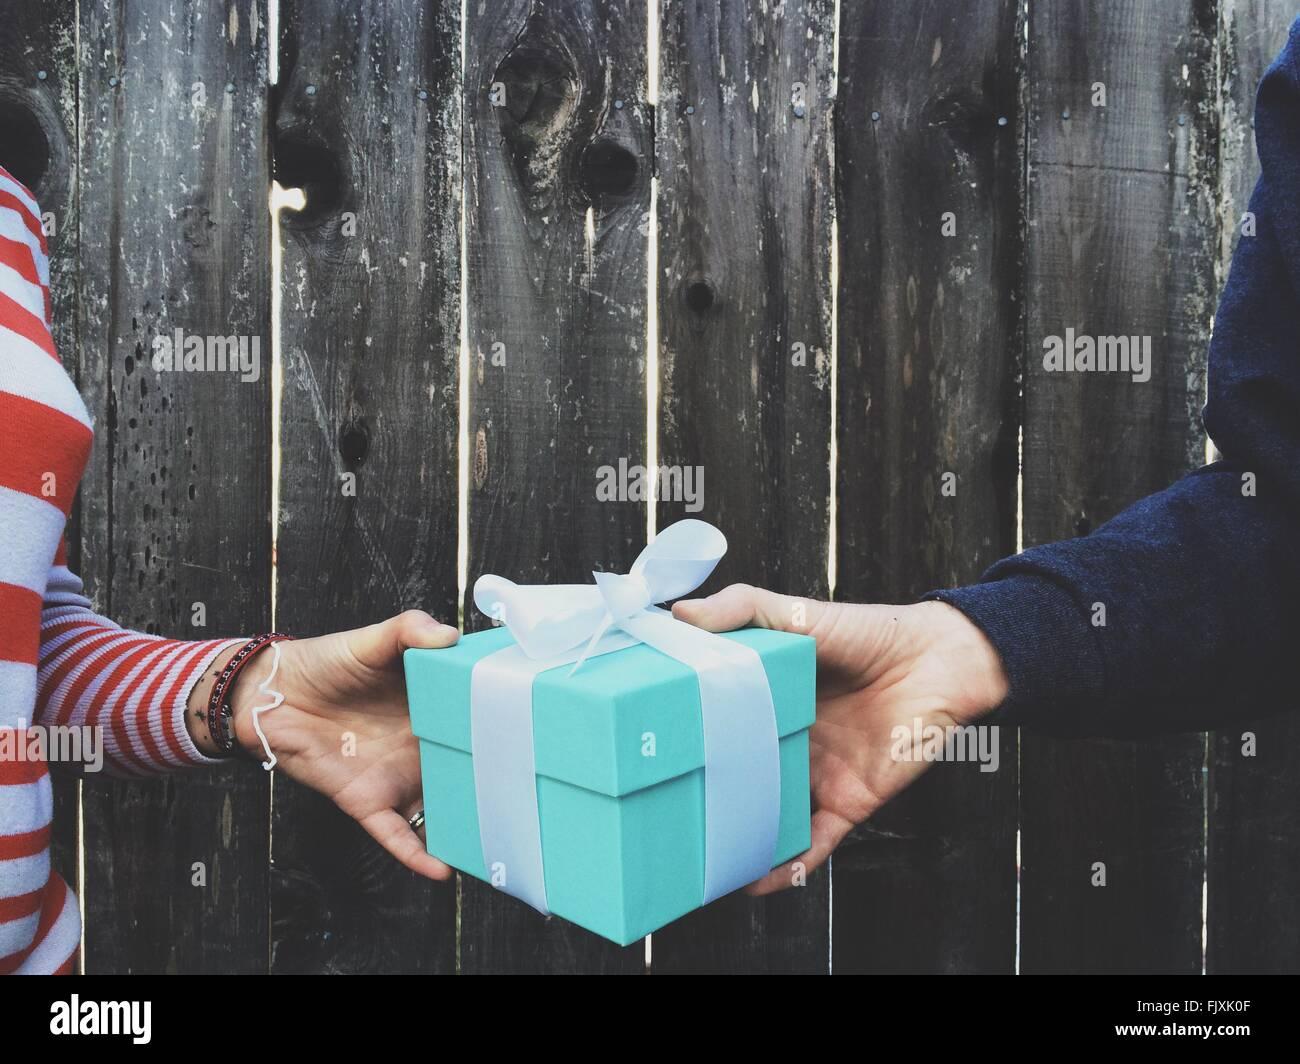 Imagen recortada de manos sosteniendo Caja de regalo contra la valla de madera Imagen De Stock